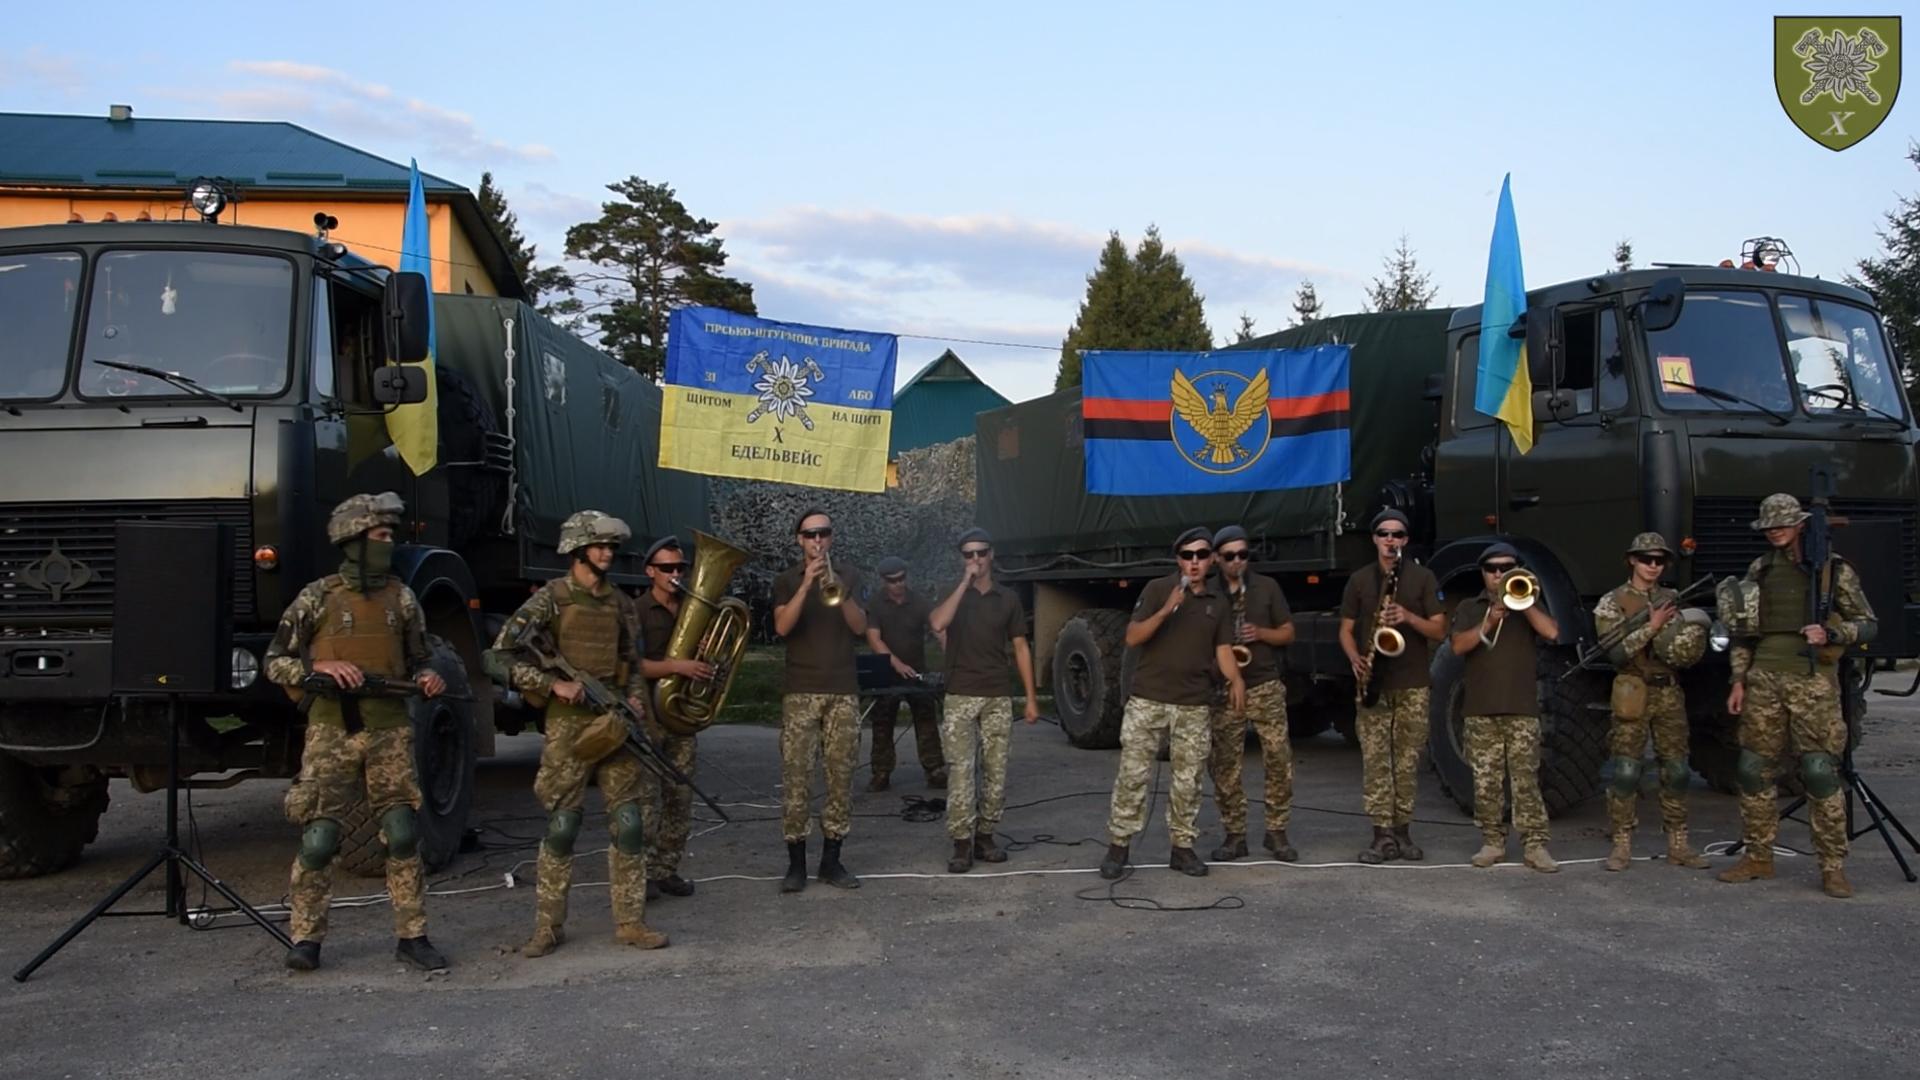 10 гірсько-штурмова бригада до Дня міста Коломиї зняла кліп (відеосюжет)